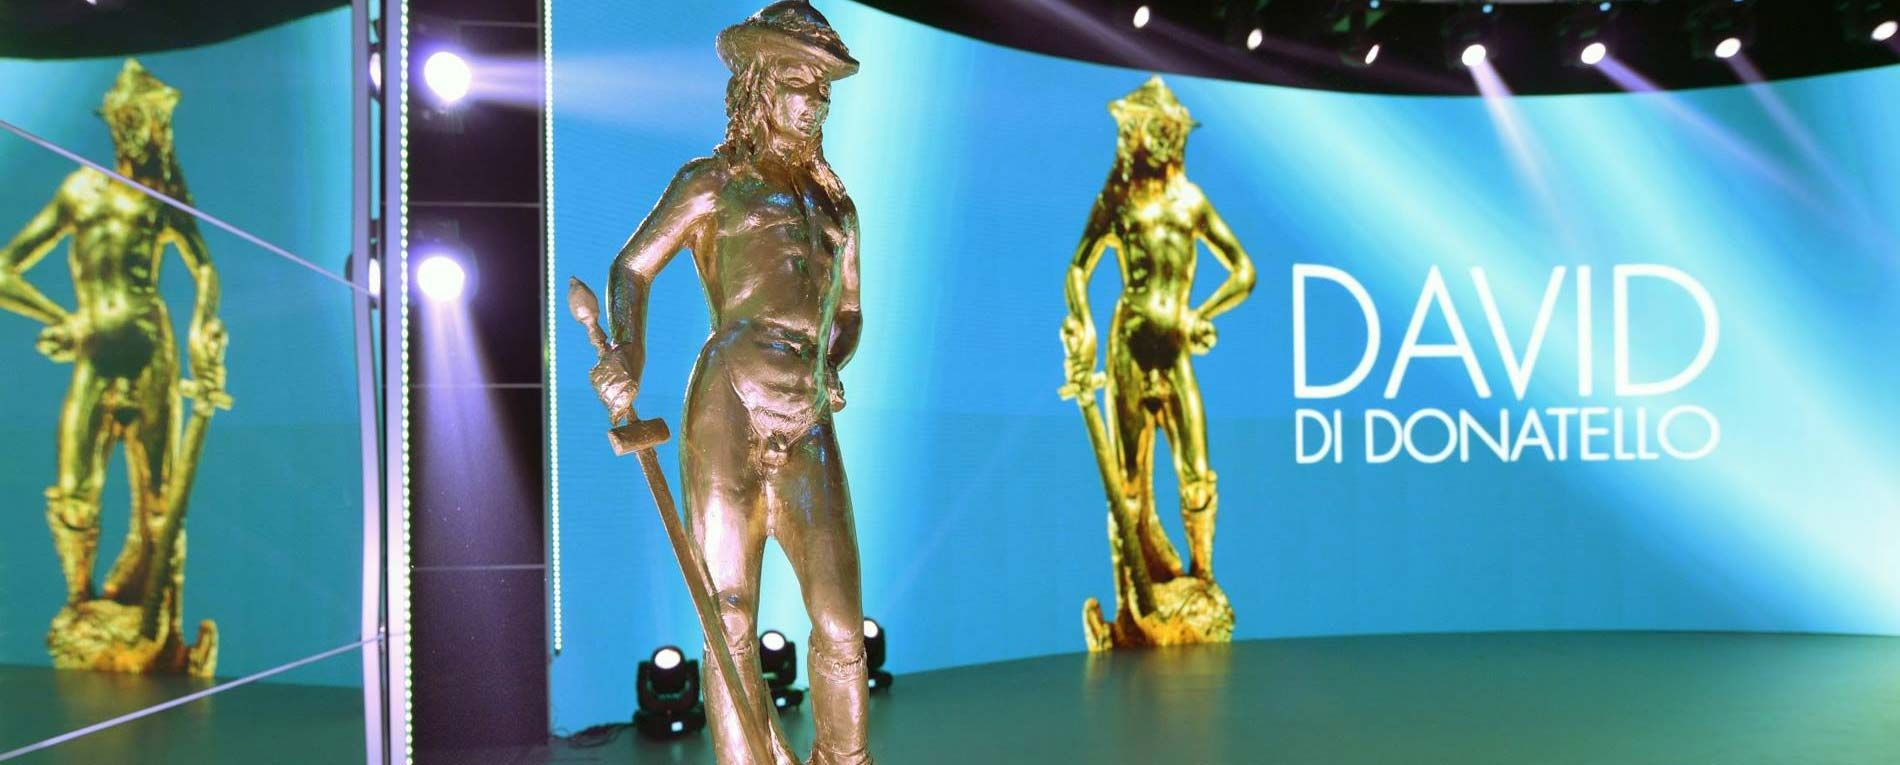 Come vedere in streaming cerimonia David di Donatello 2016